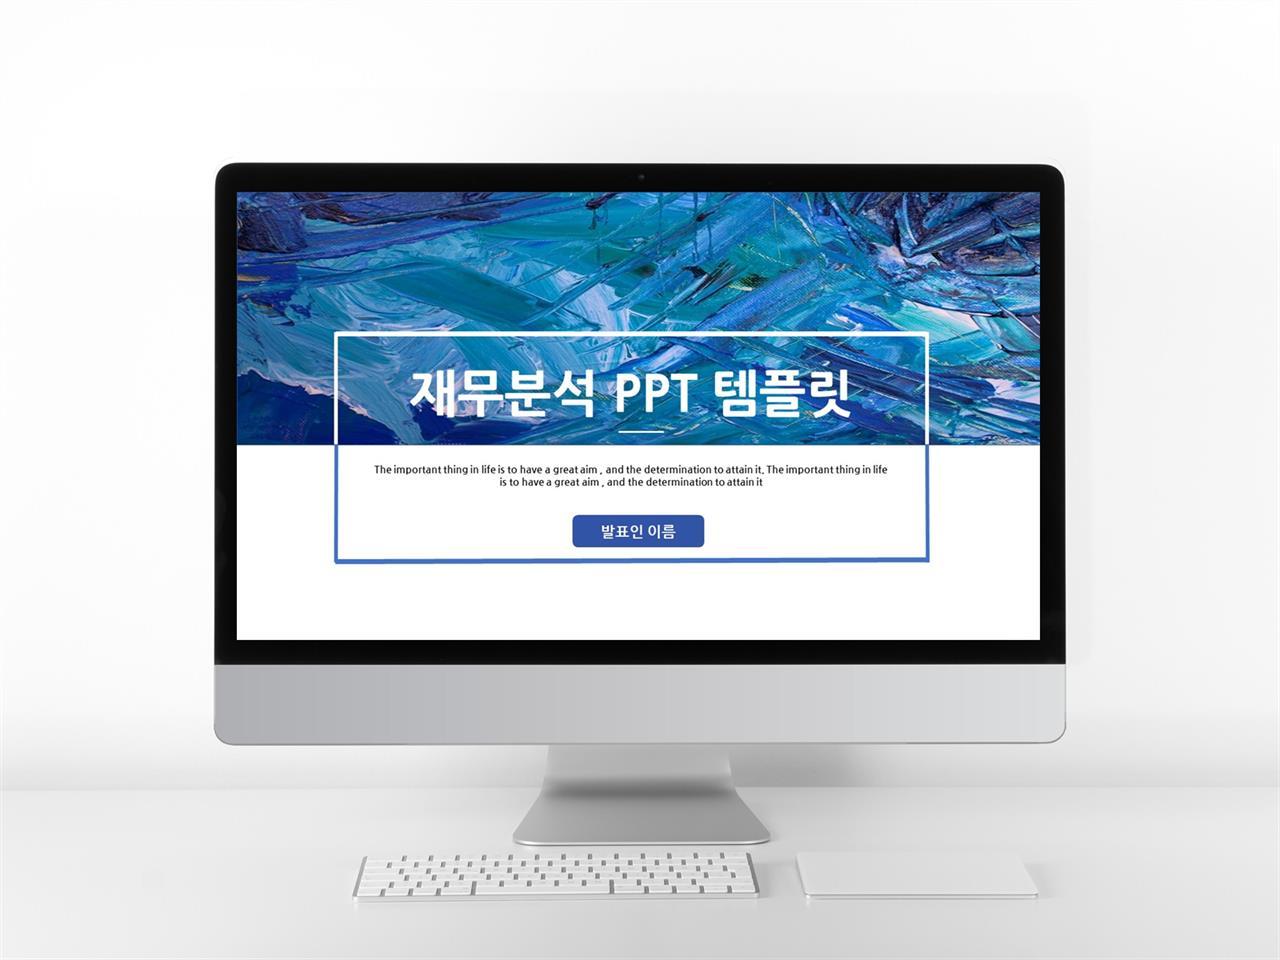 비즈니스 하늘색 수채화 맞춤형 파워포인트탬플릿 다운로드 미리보기